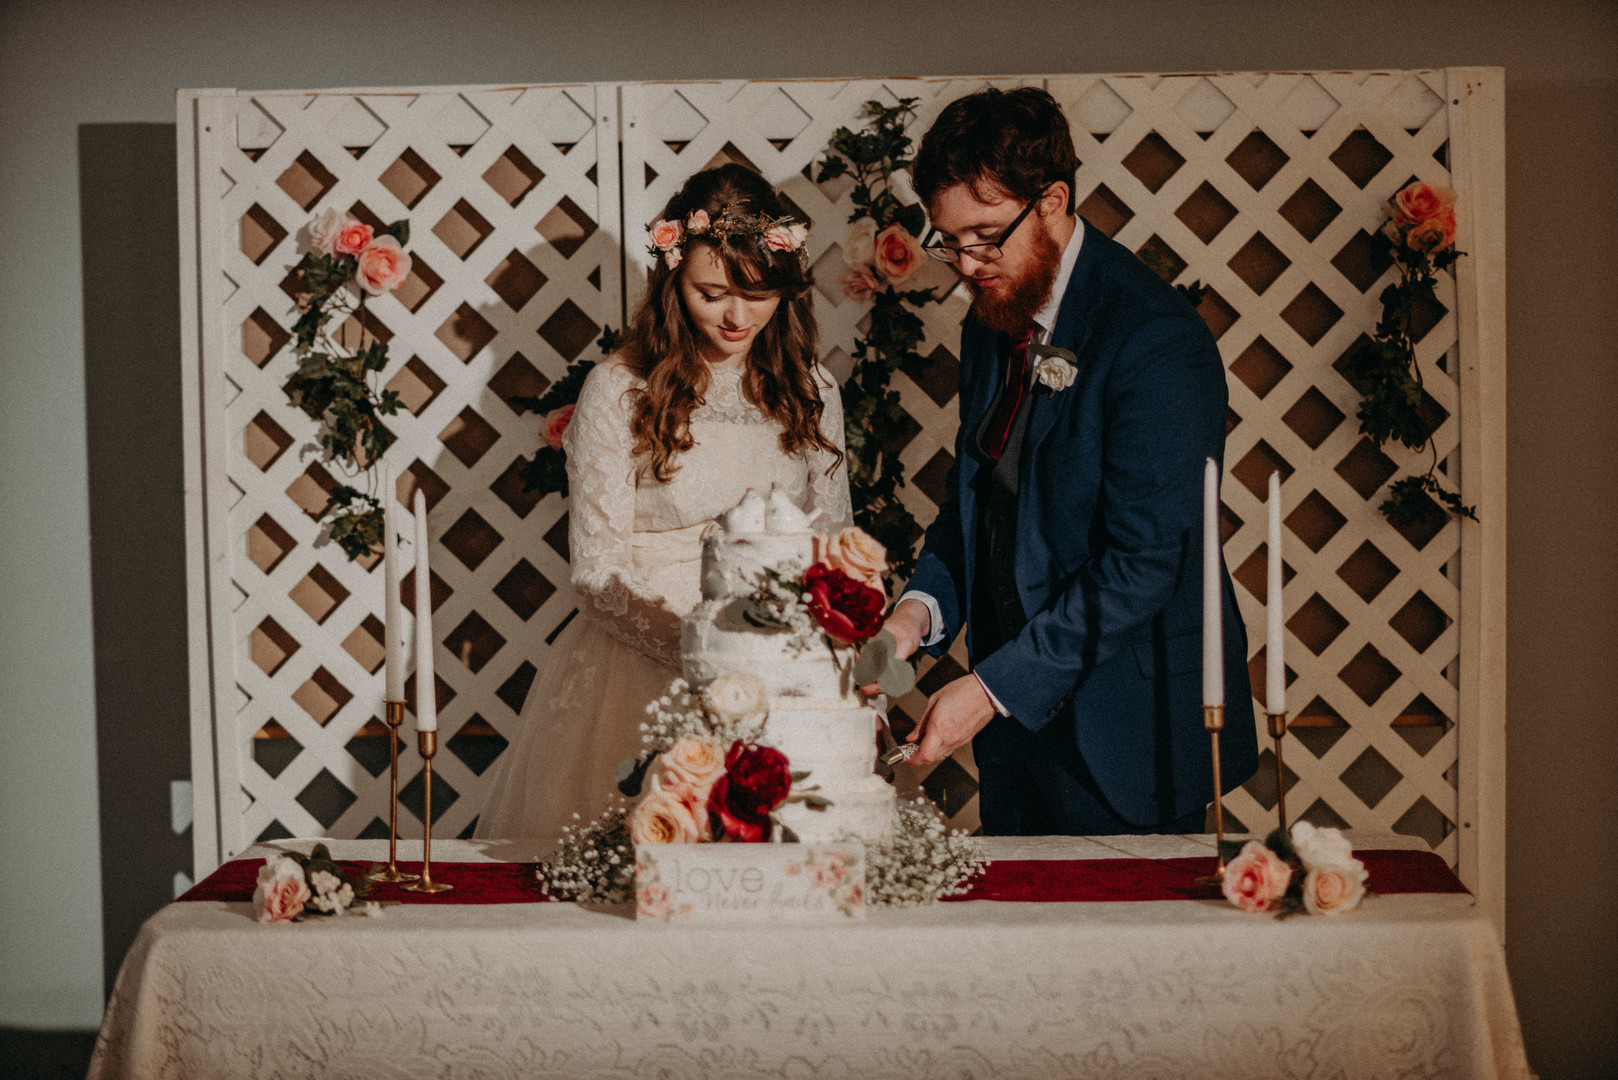 bröllop+vintage+brudklänning+tårta